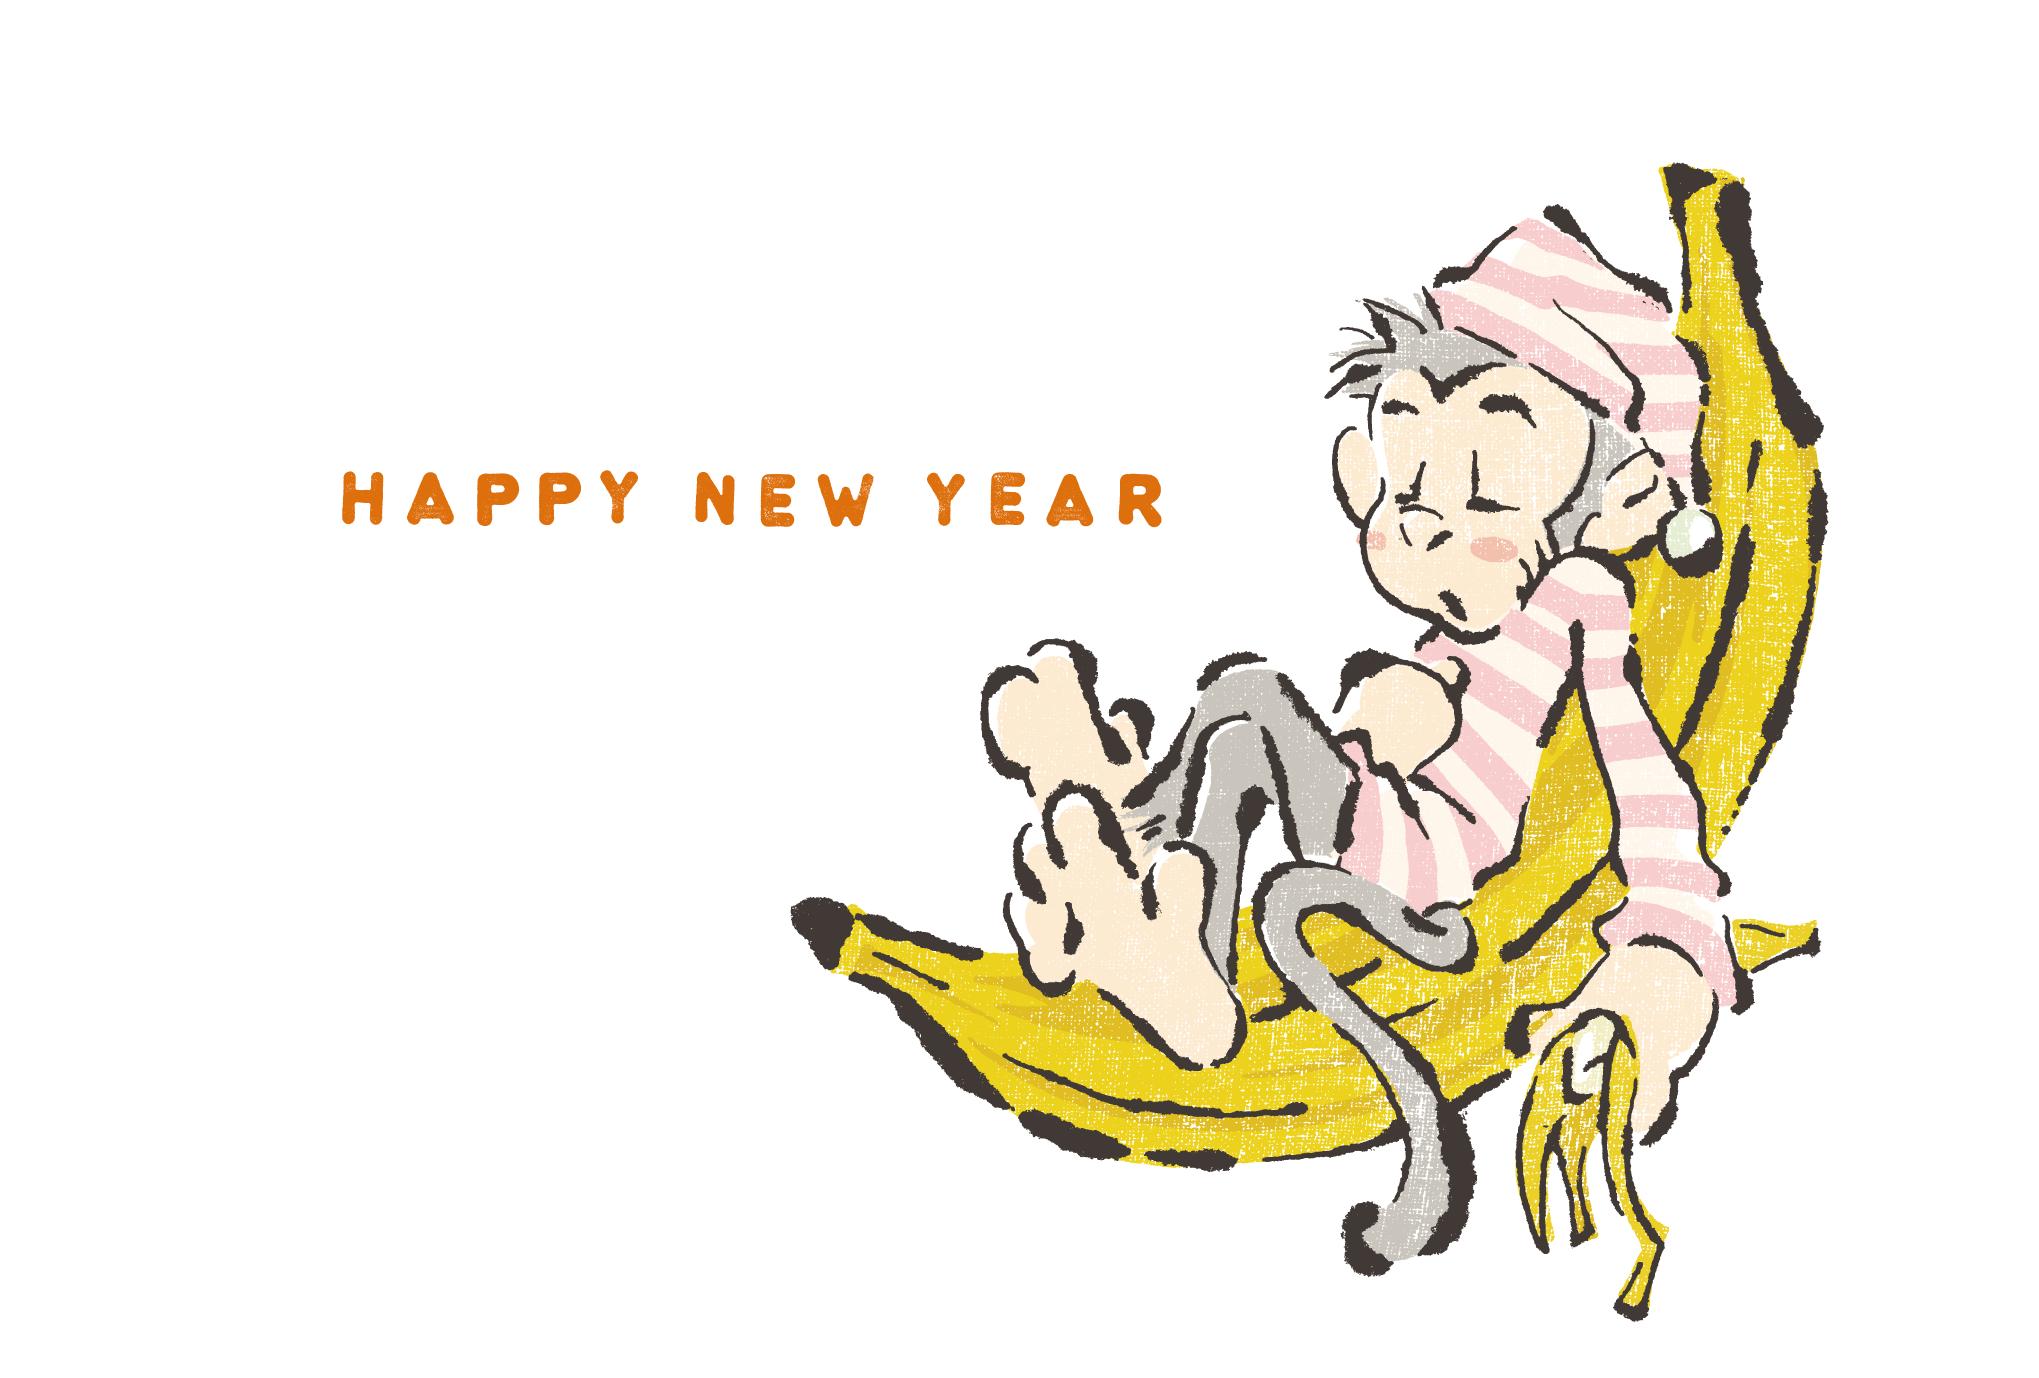 2016年賀状09-2:Crescent banana / redraw 2のダウンロード画像